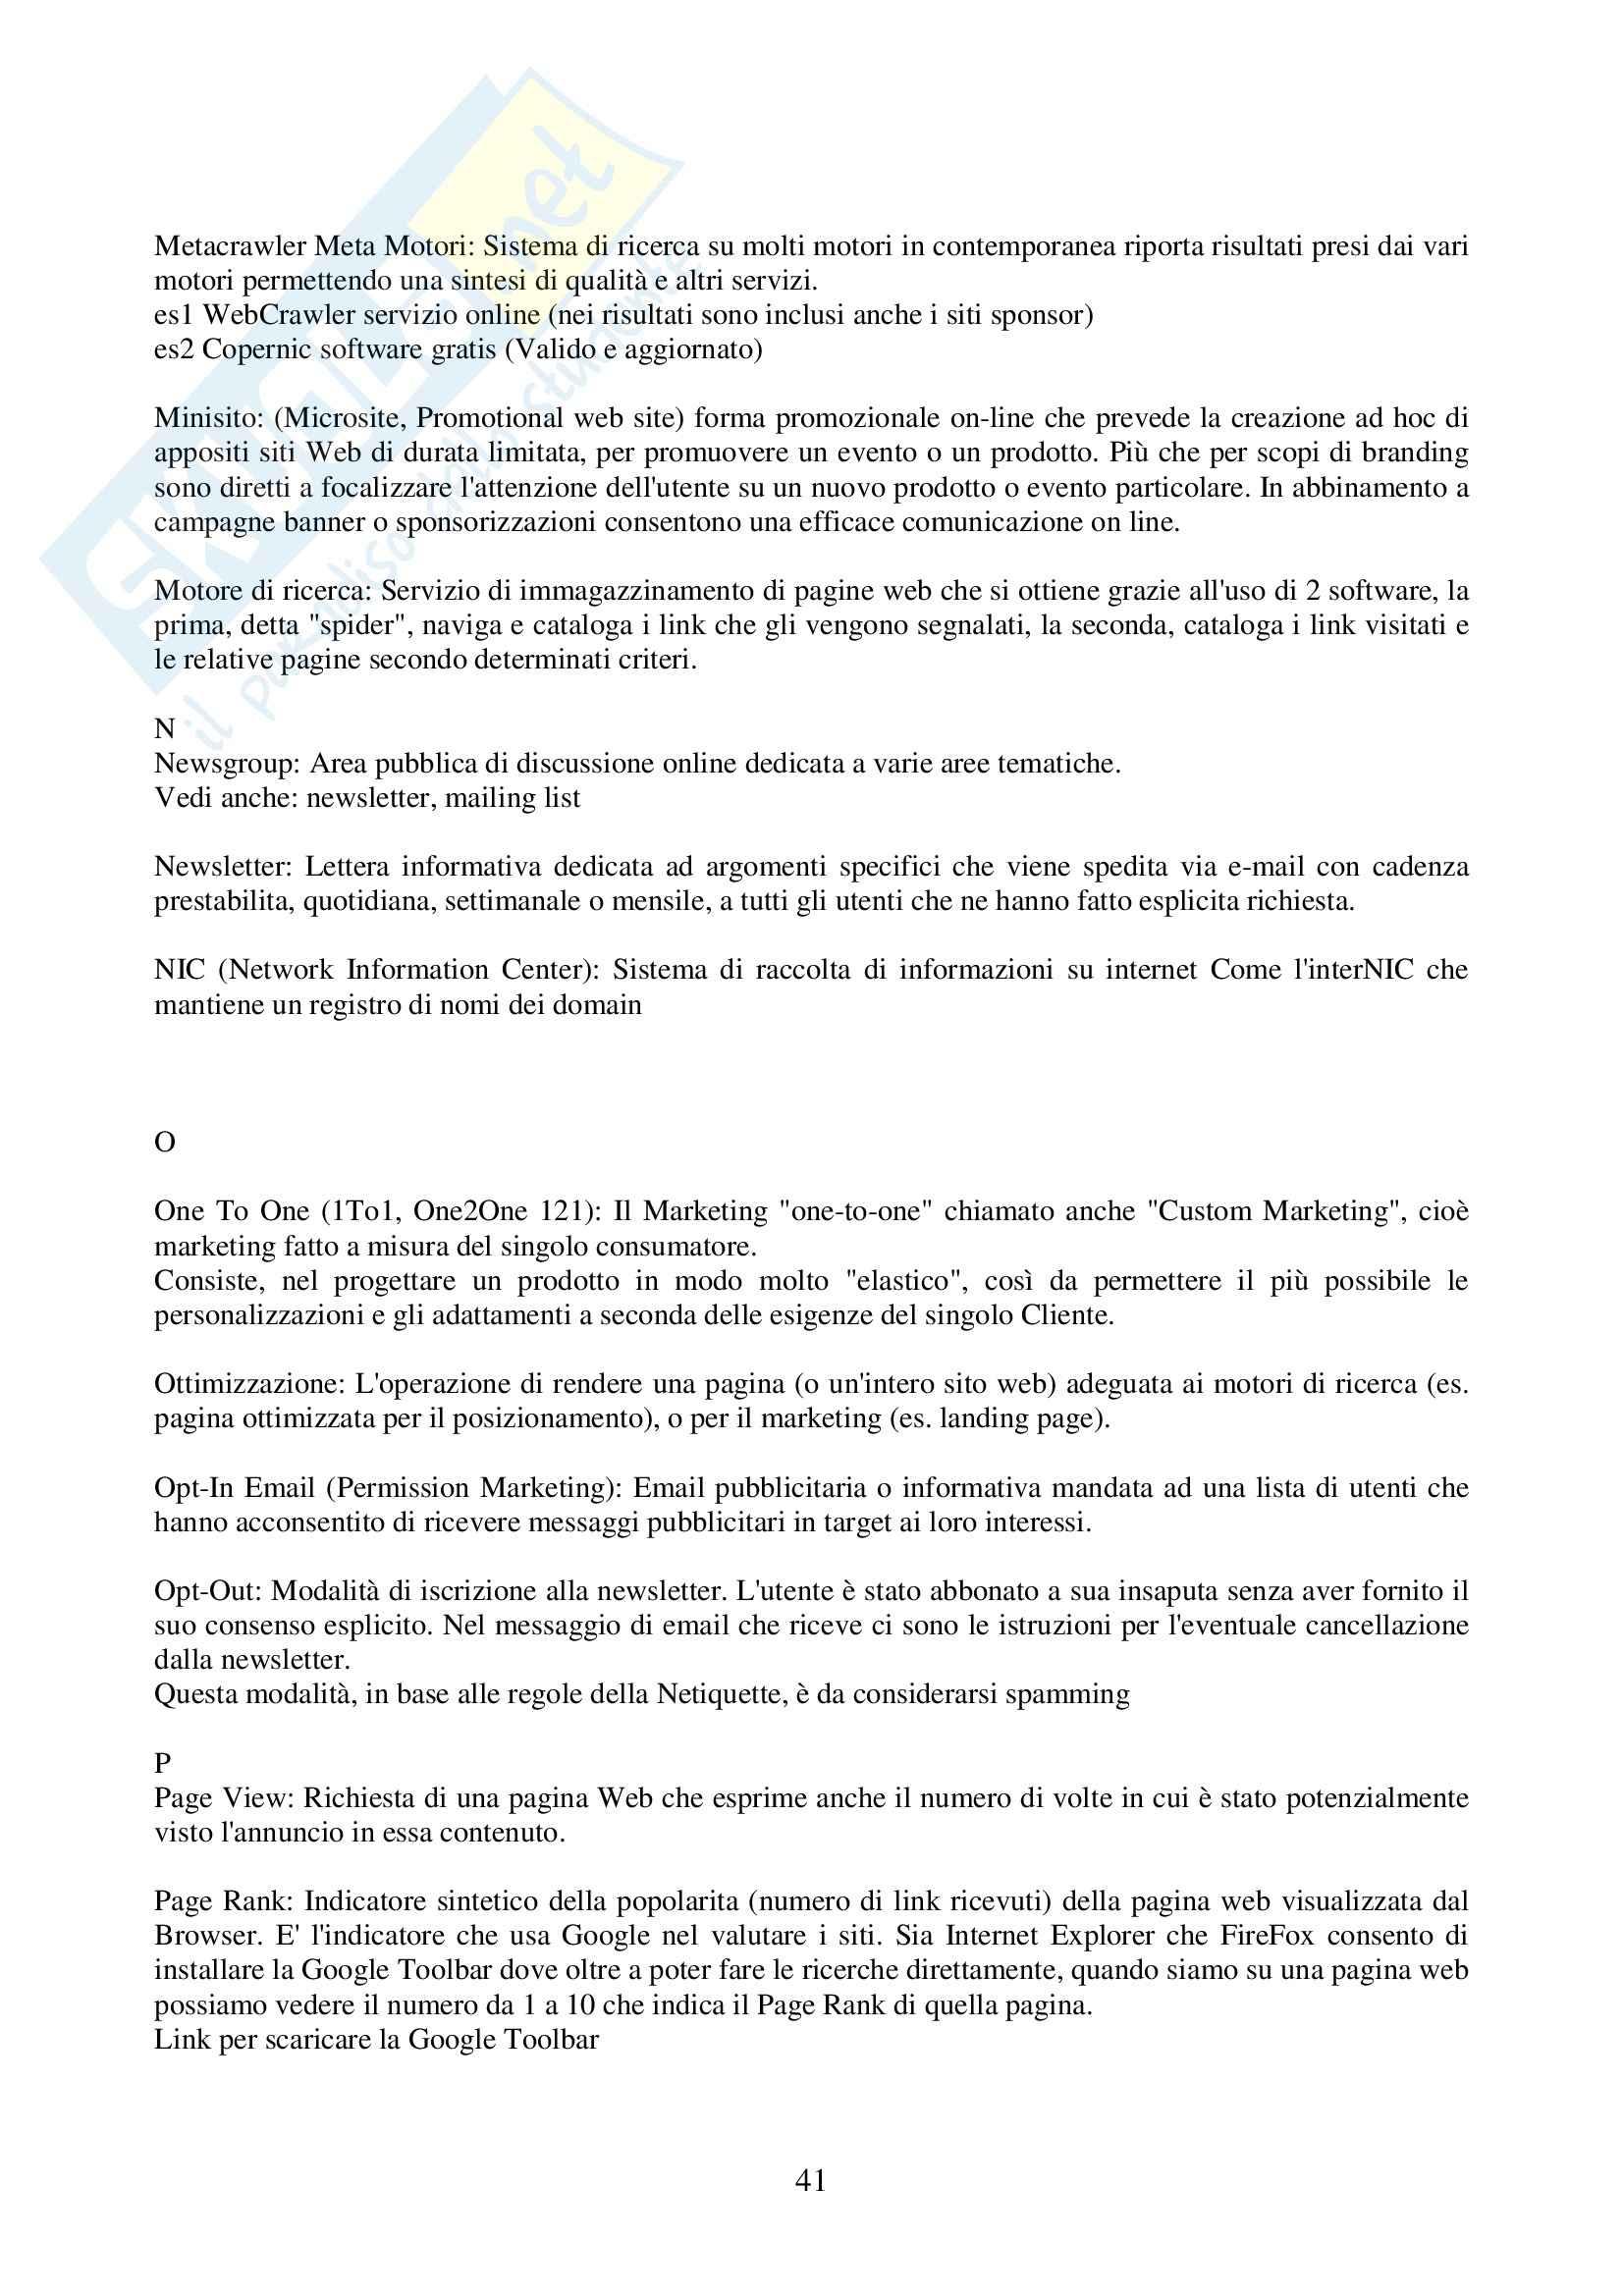 Informatica giuridica - informatica e tutela giuridica Pag. 41